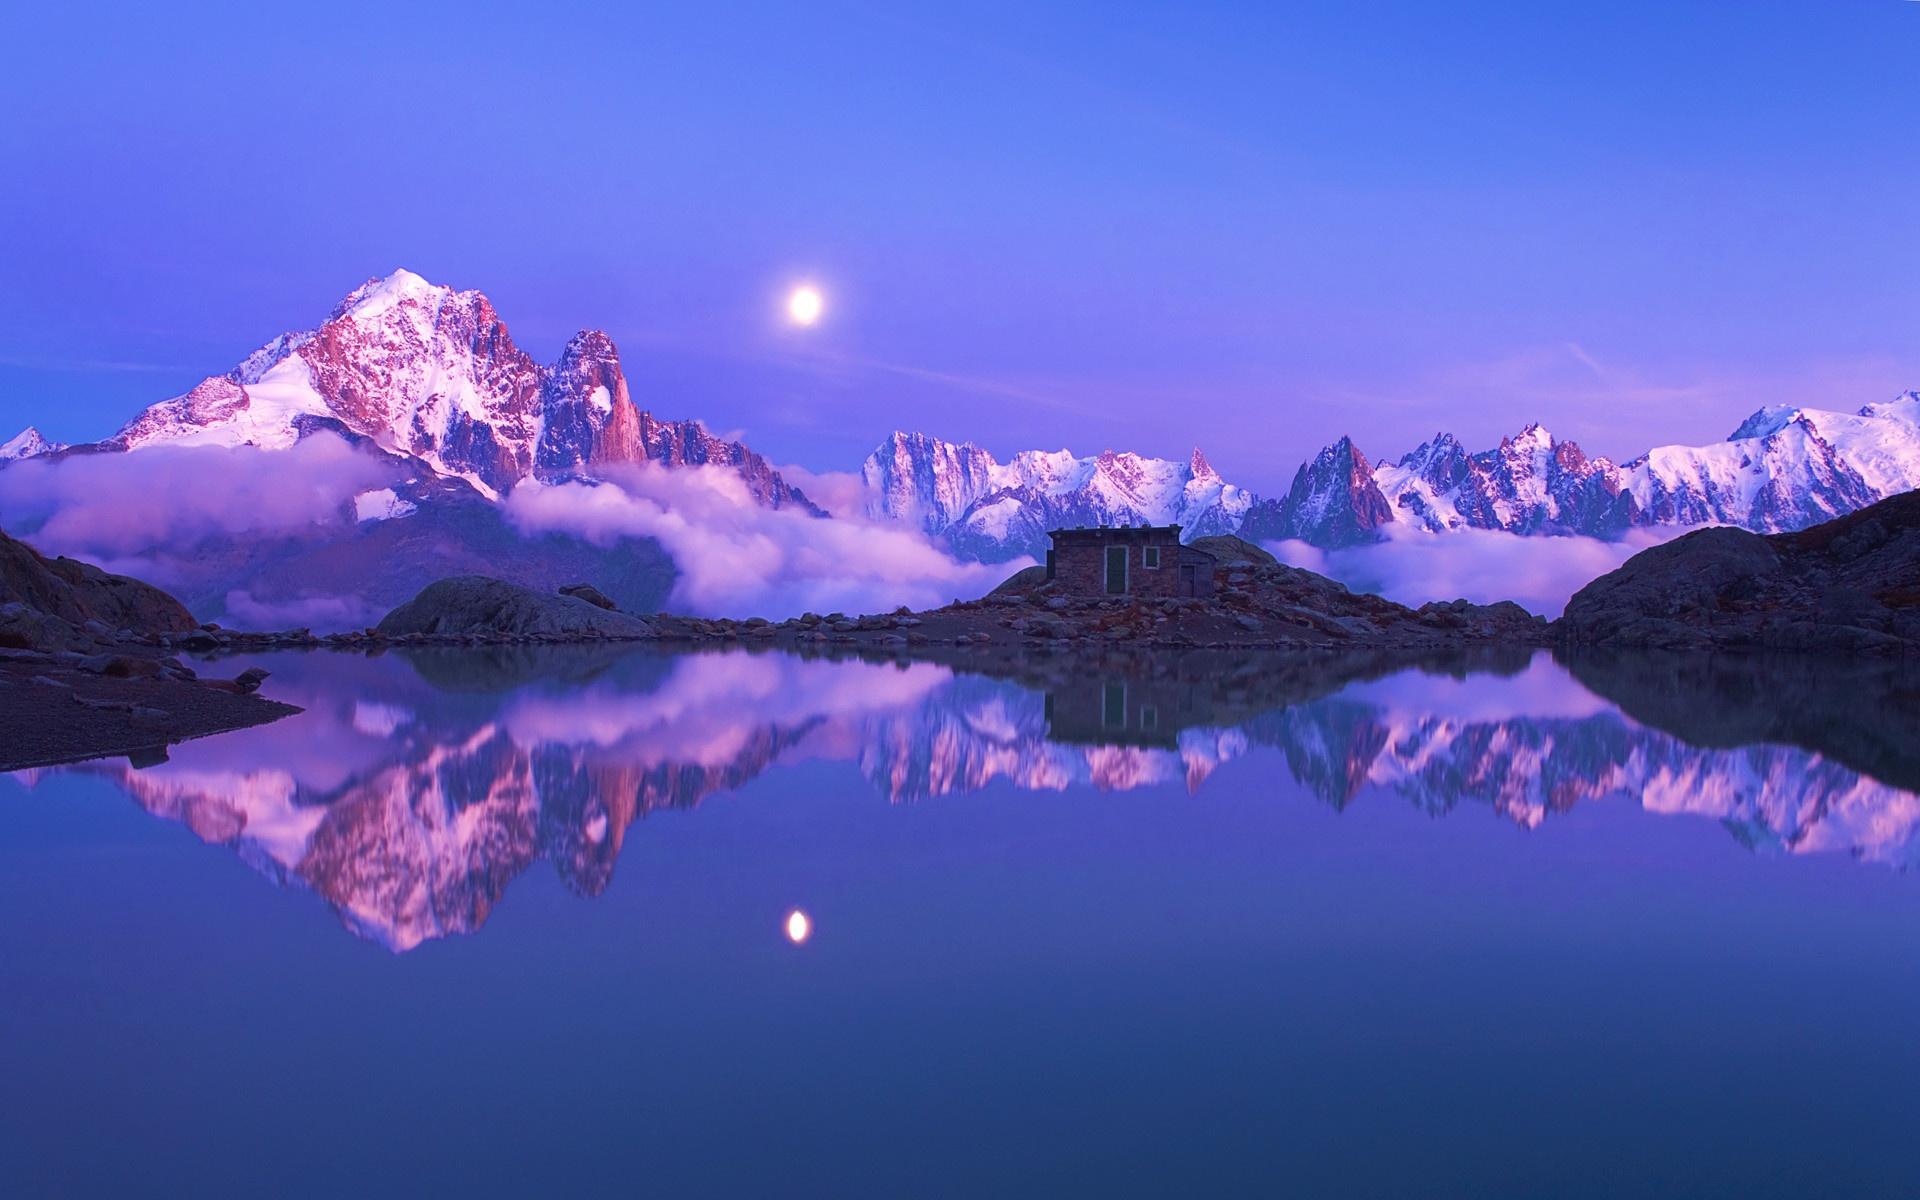 Blue Snow Mountain Landscape 1920 x 1200 Download Close 1920x1200